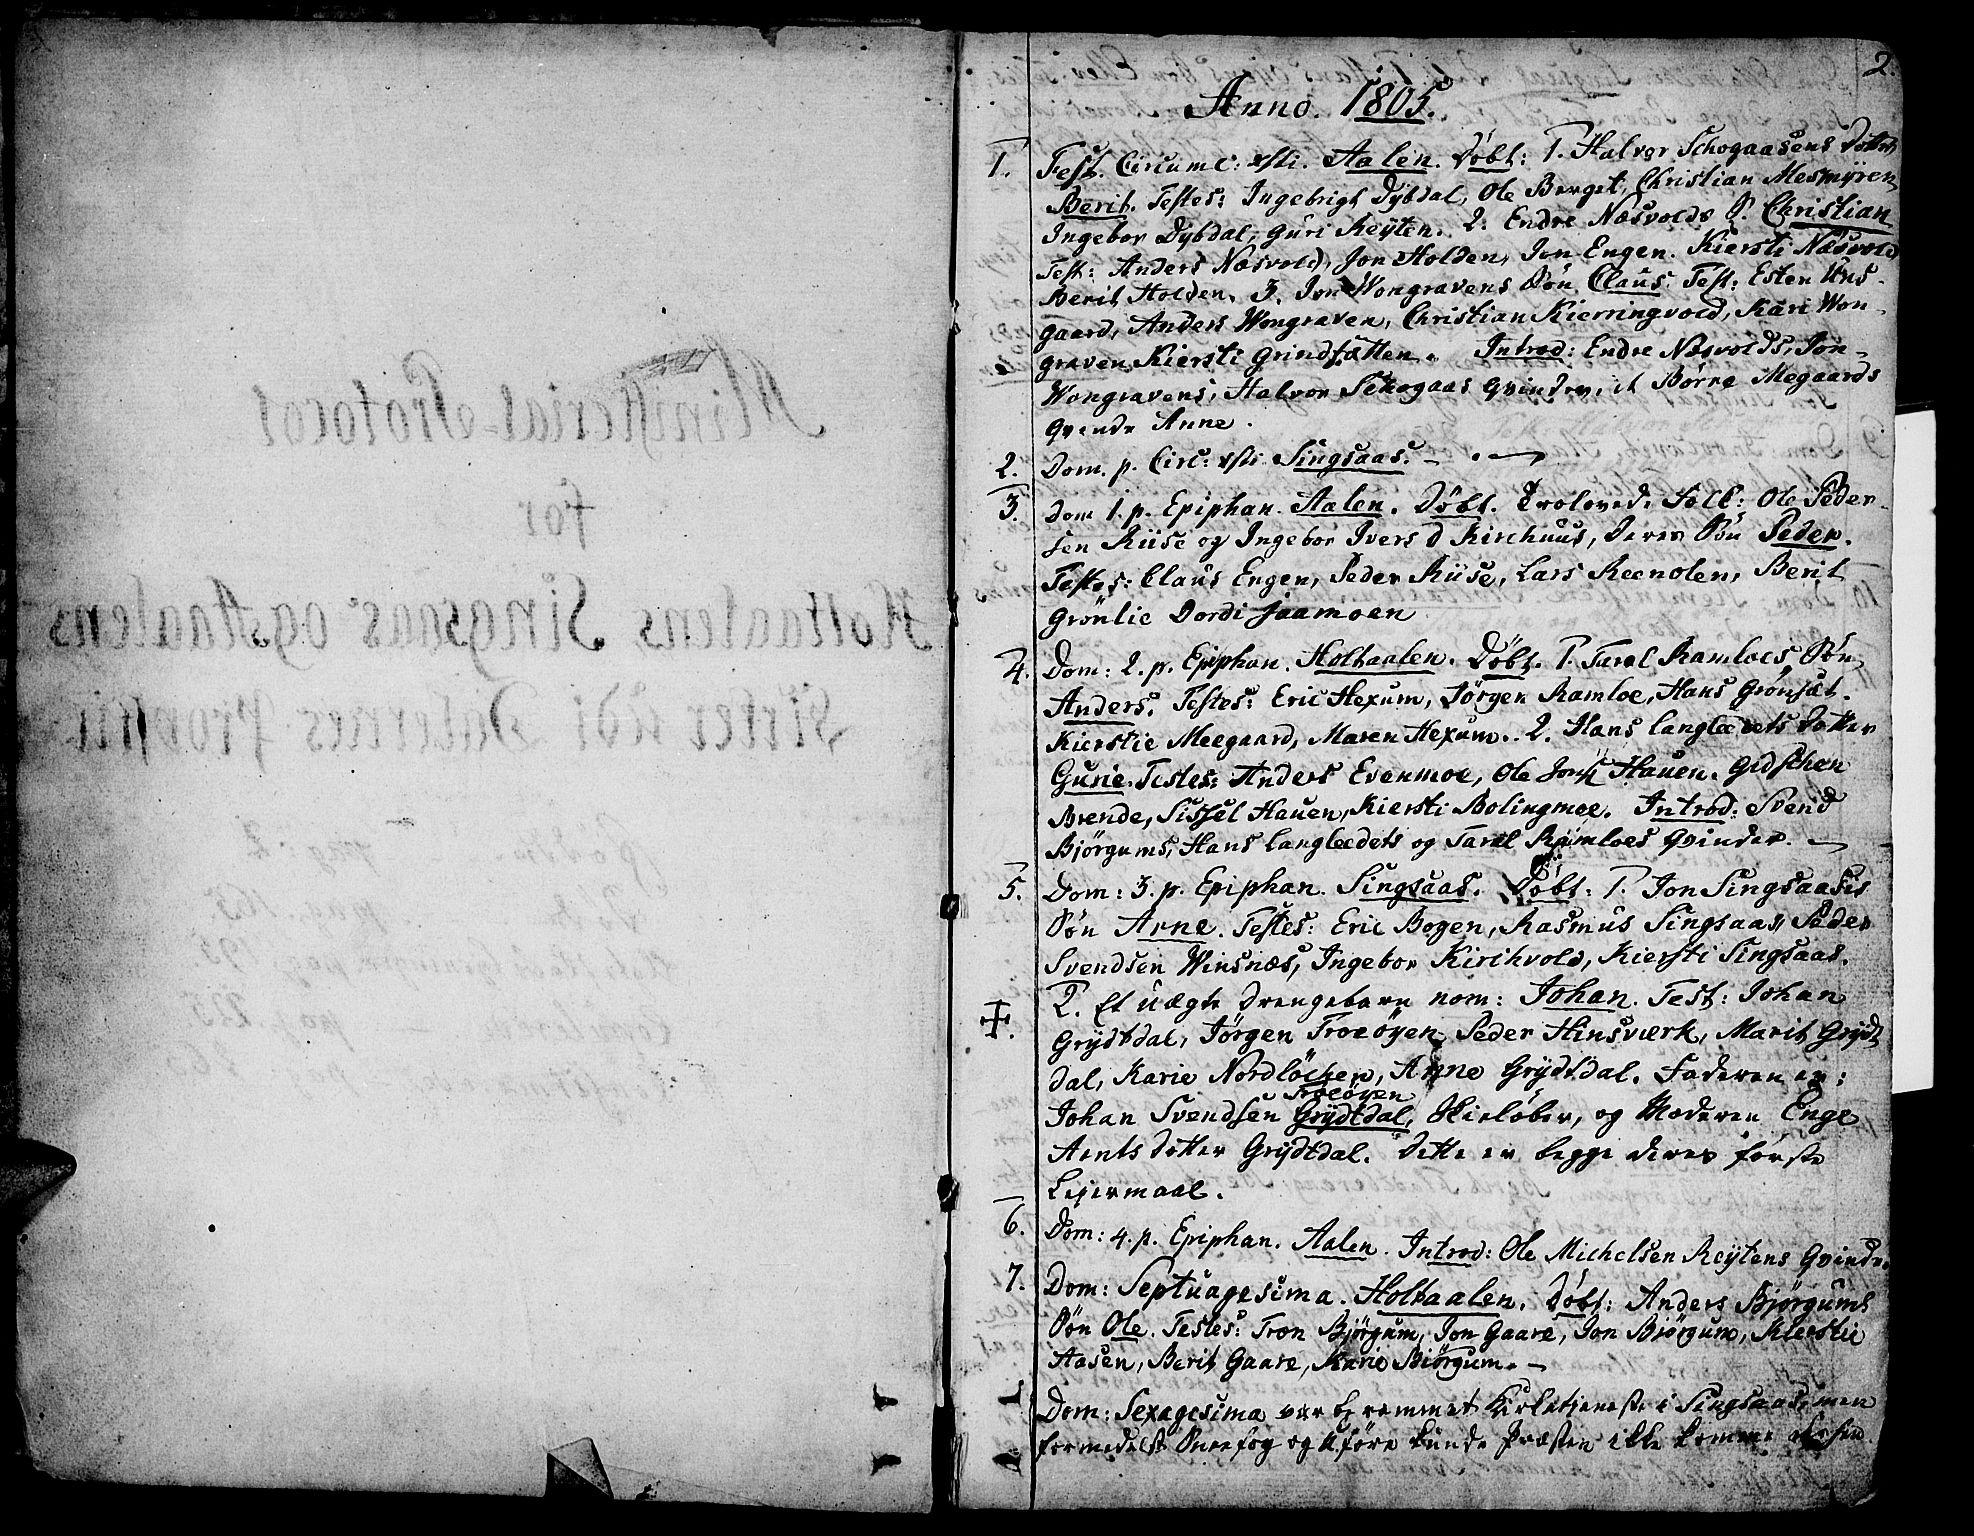 SAT, Ministerialprotokoller, klokkerbøker og fødselsregistre - Sør-Trøndelag, 685/L0953: Ministerialbok nr. 685A02, 1805-1816, s. 2